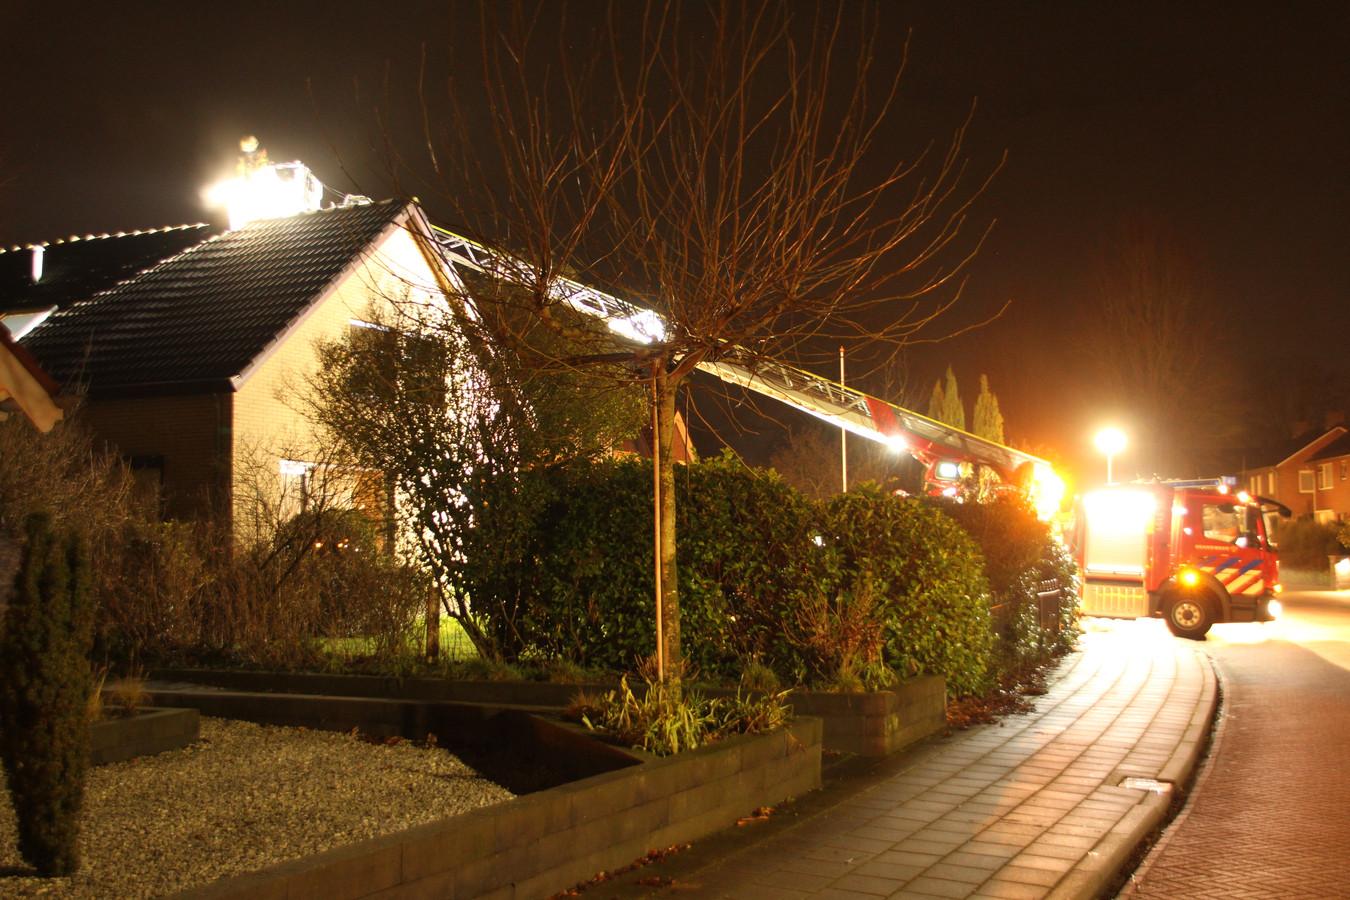 De brandweer zette onder meer een hoogwerker in.